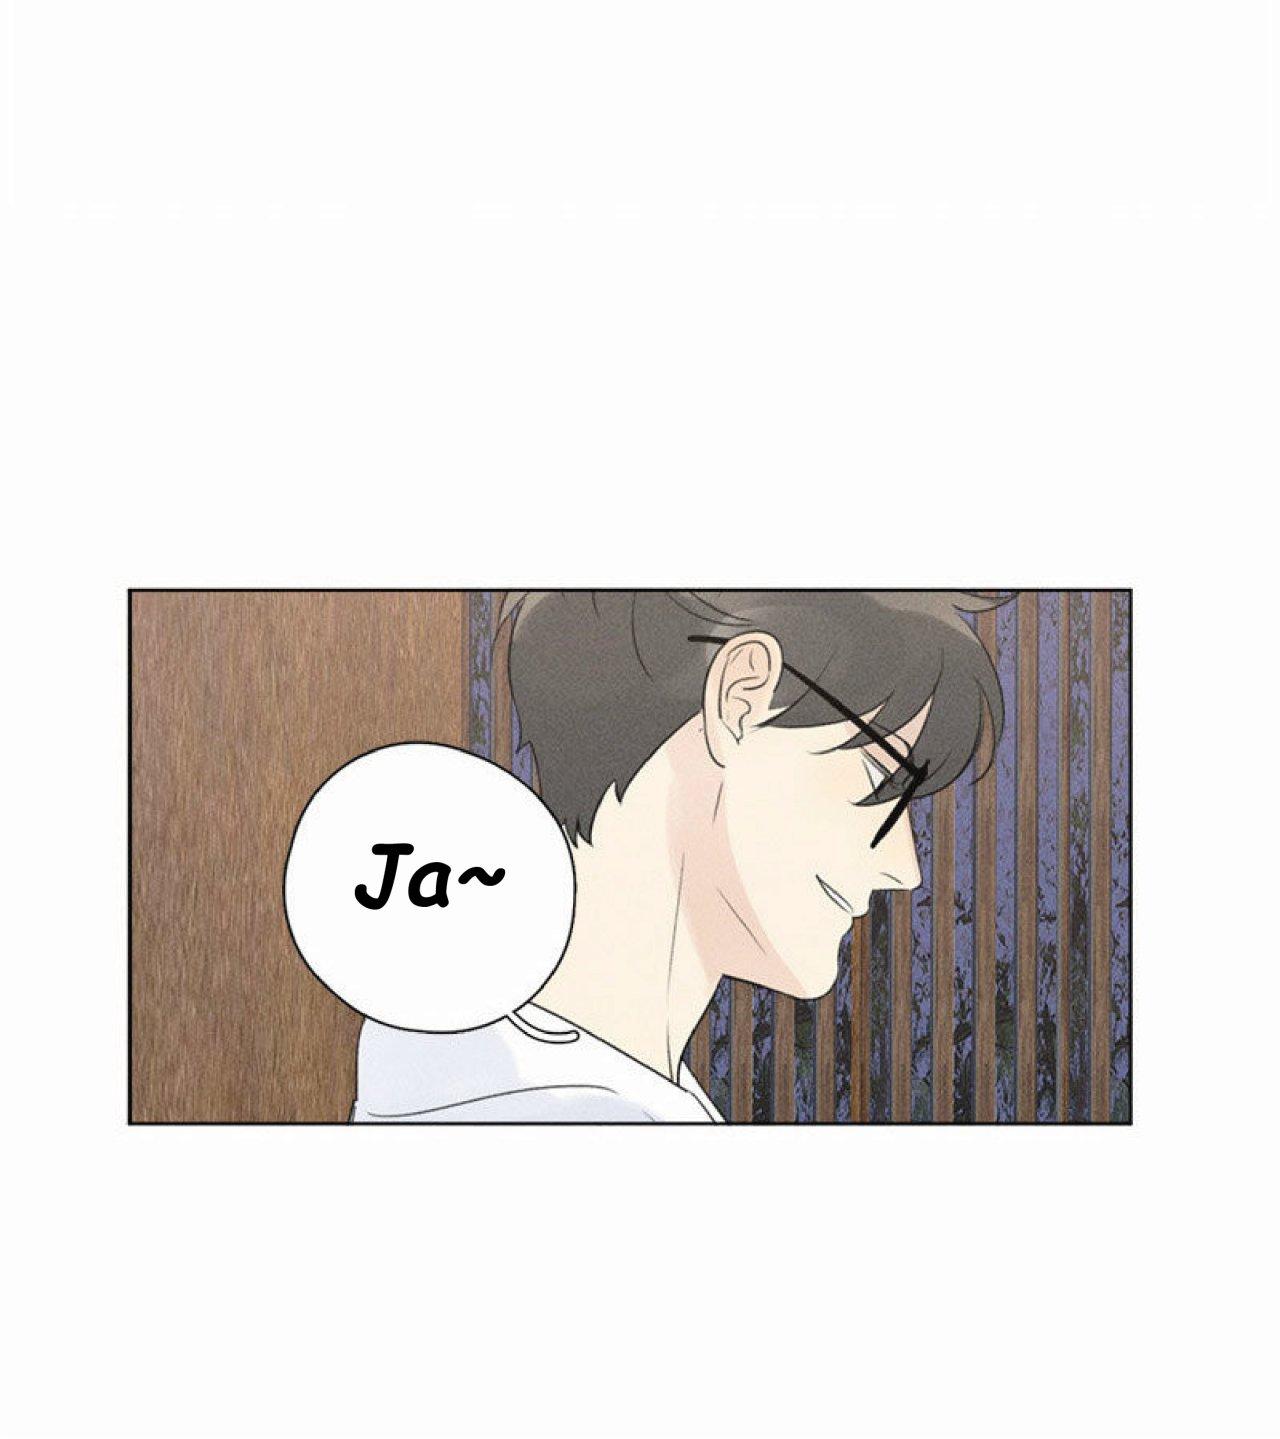 https://nine.mangadogs.com/es_manga/pic8/29/24925/946329/d0812edf466bc20c650b452513b583e7.jpg Page 42